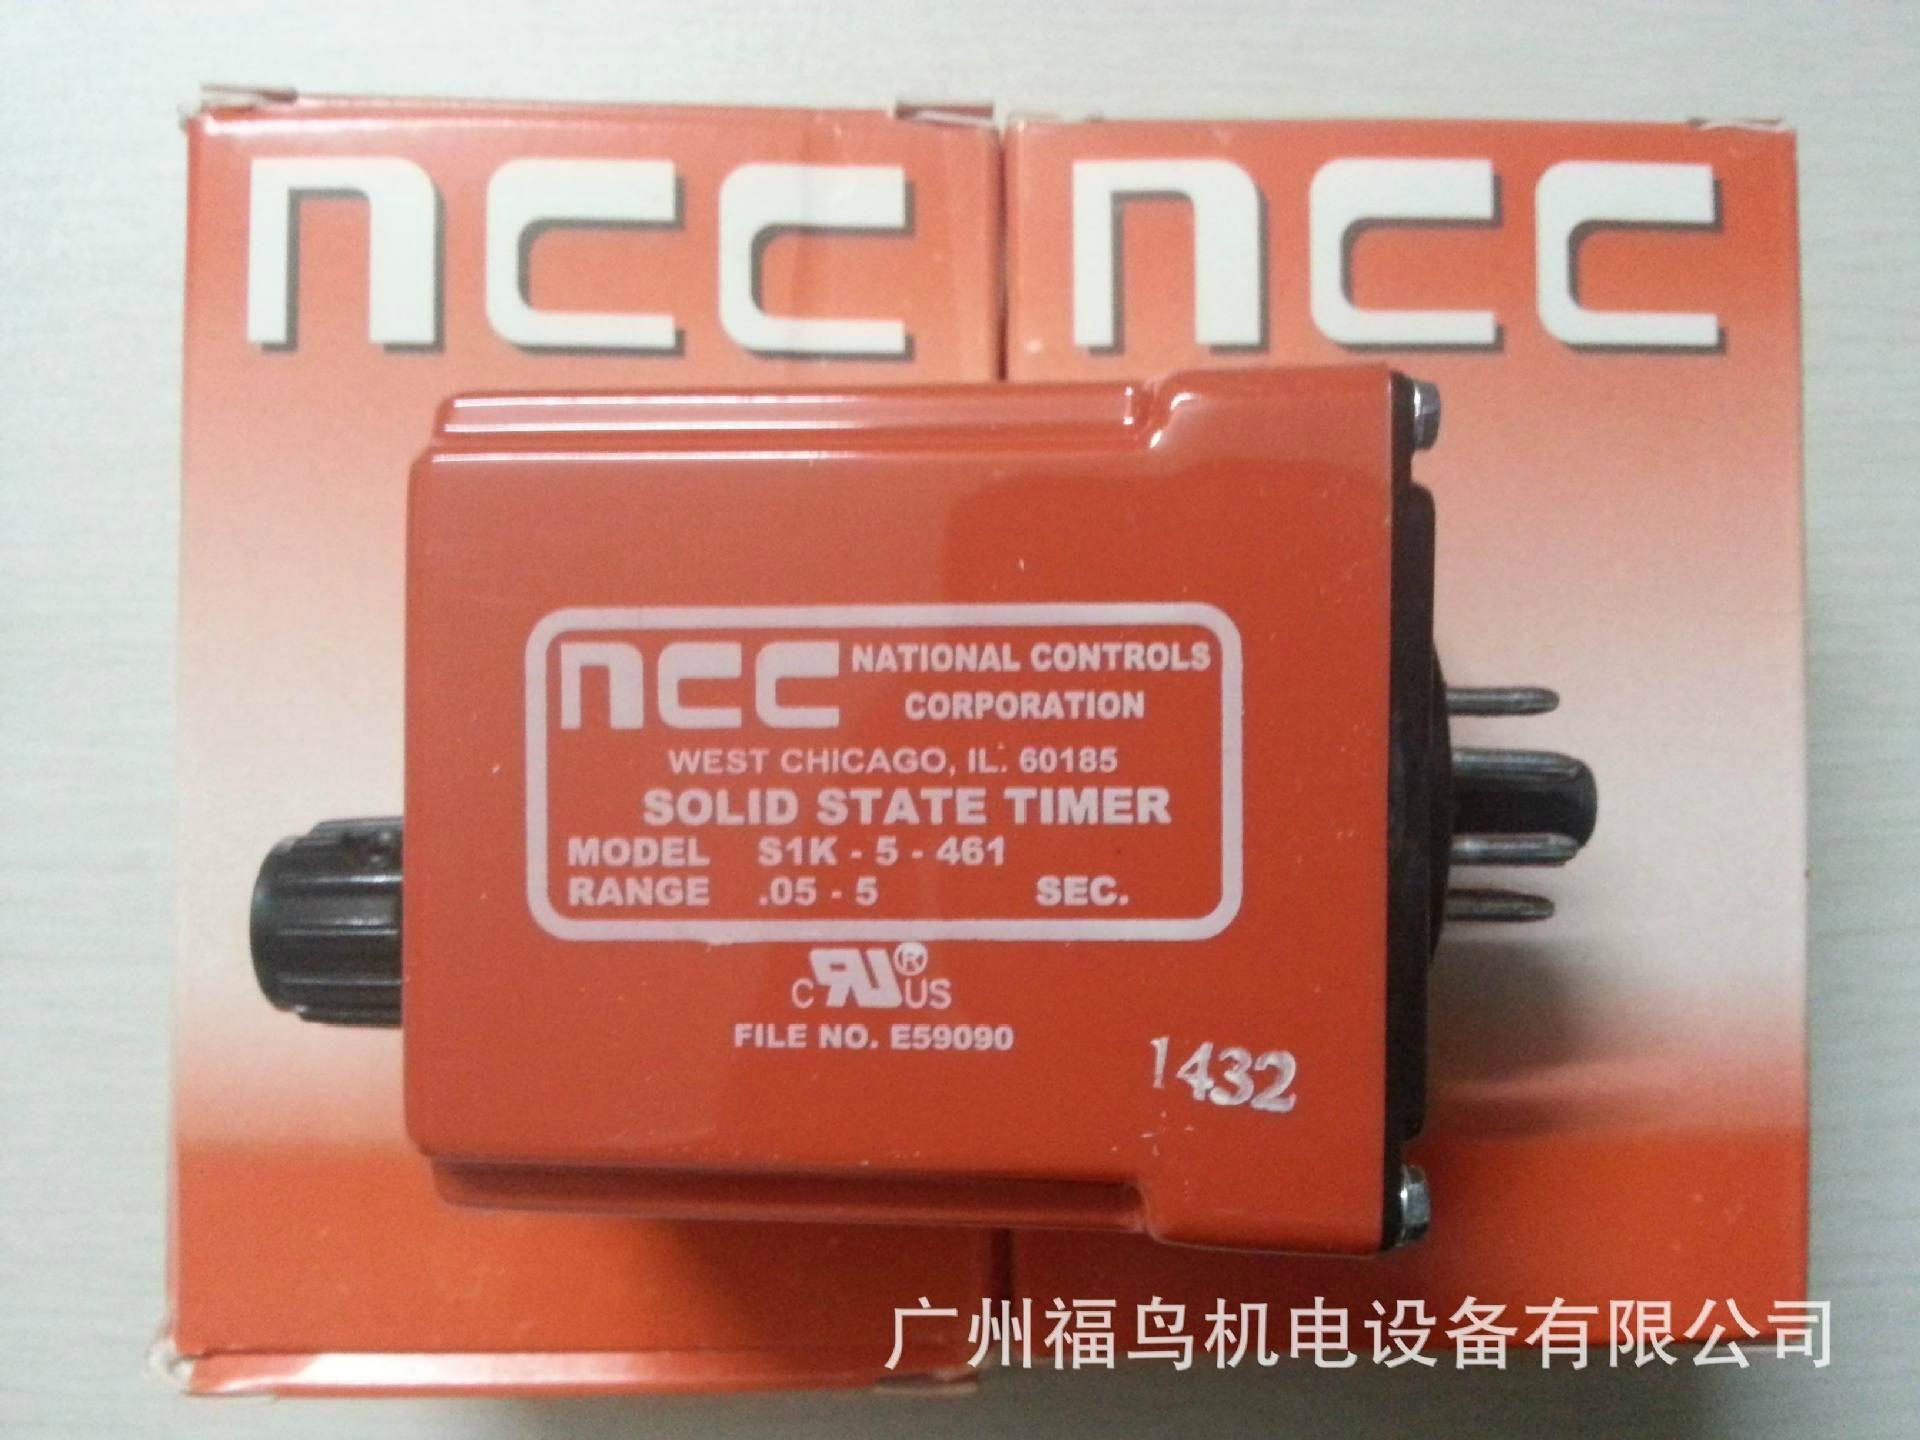 NCC延时继电器, 型号: S1K-5-461.